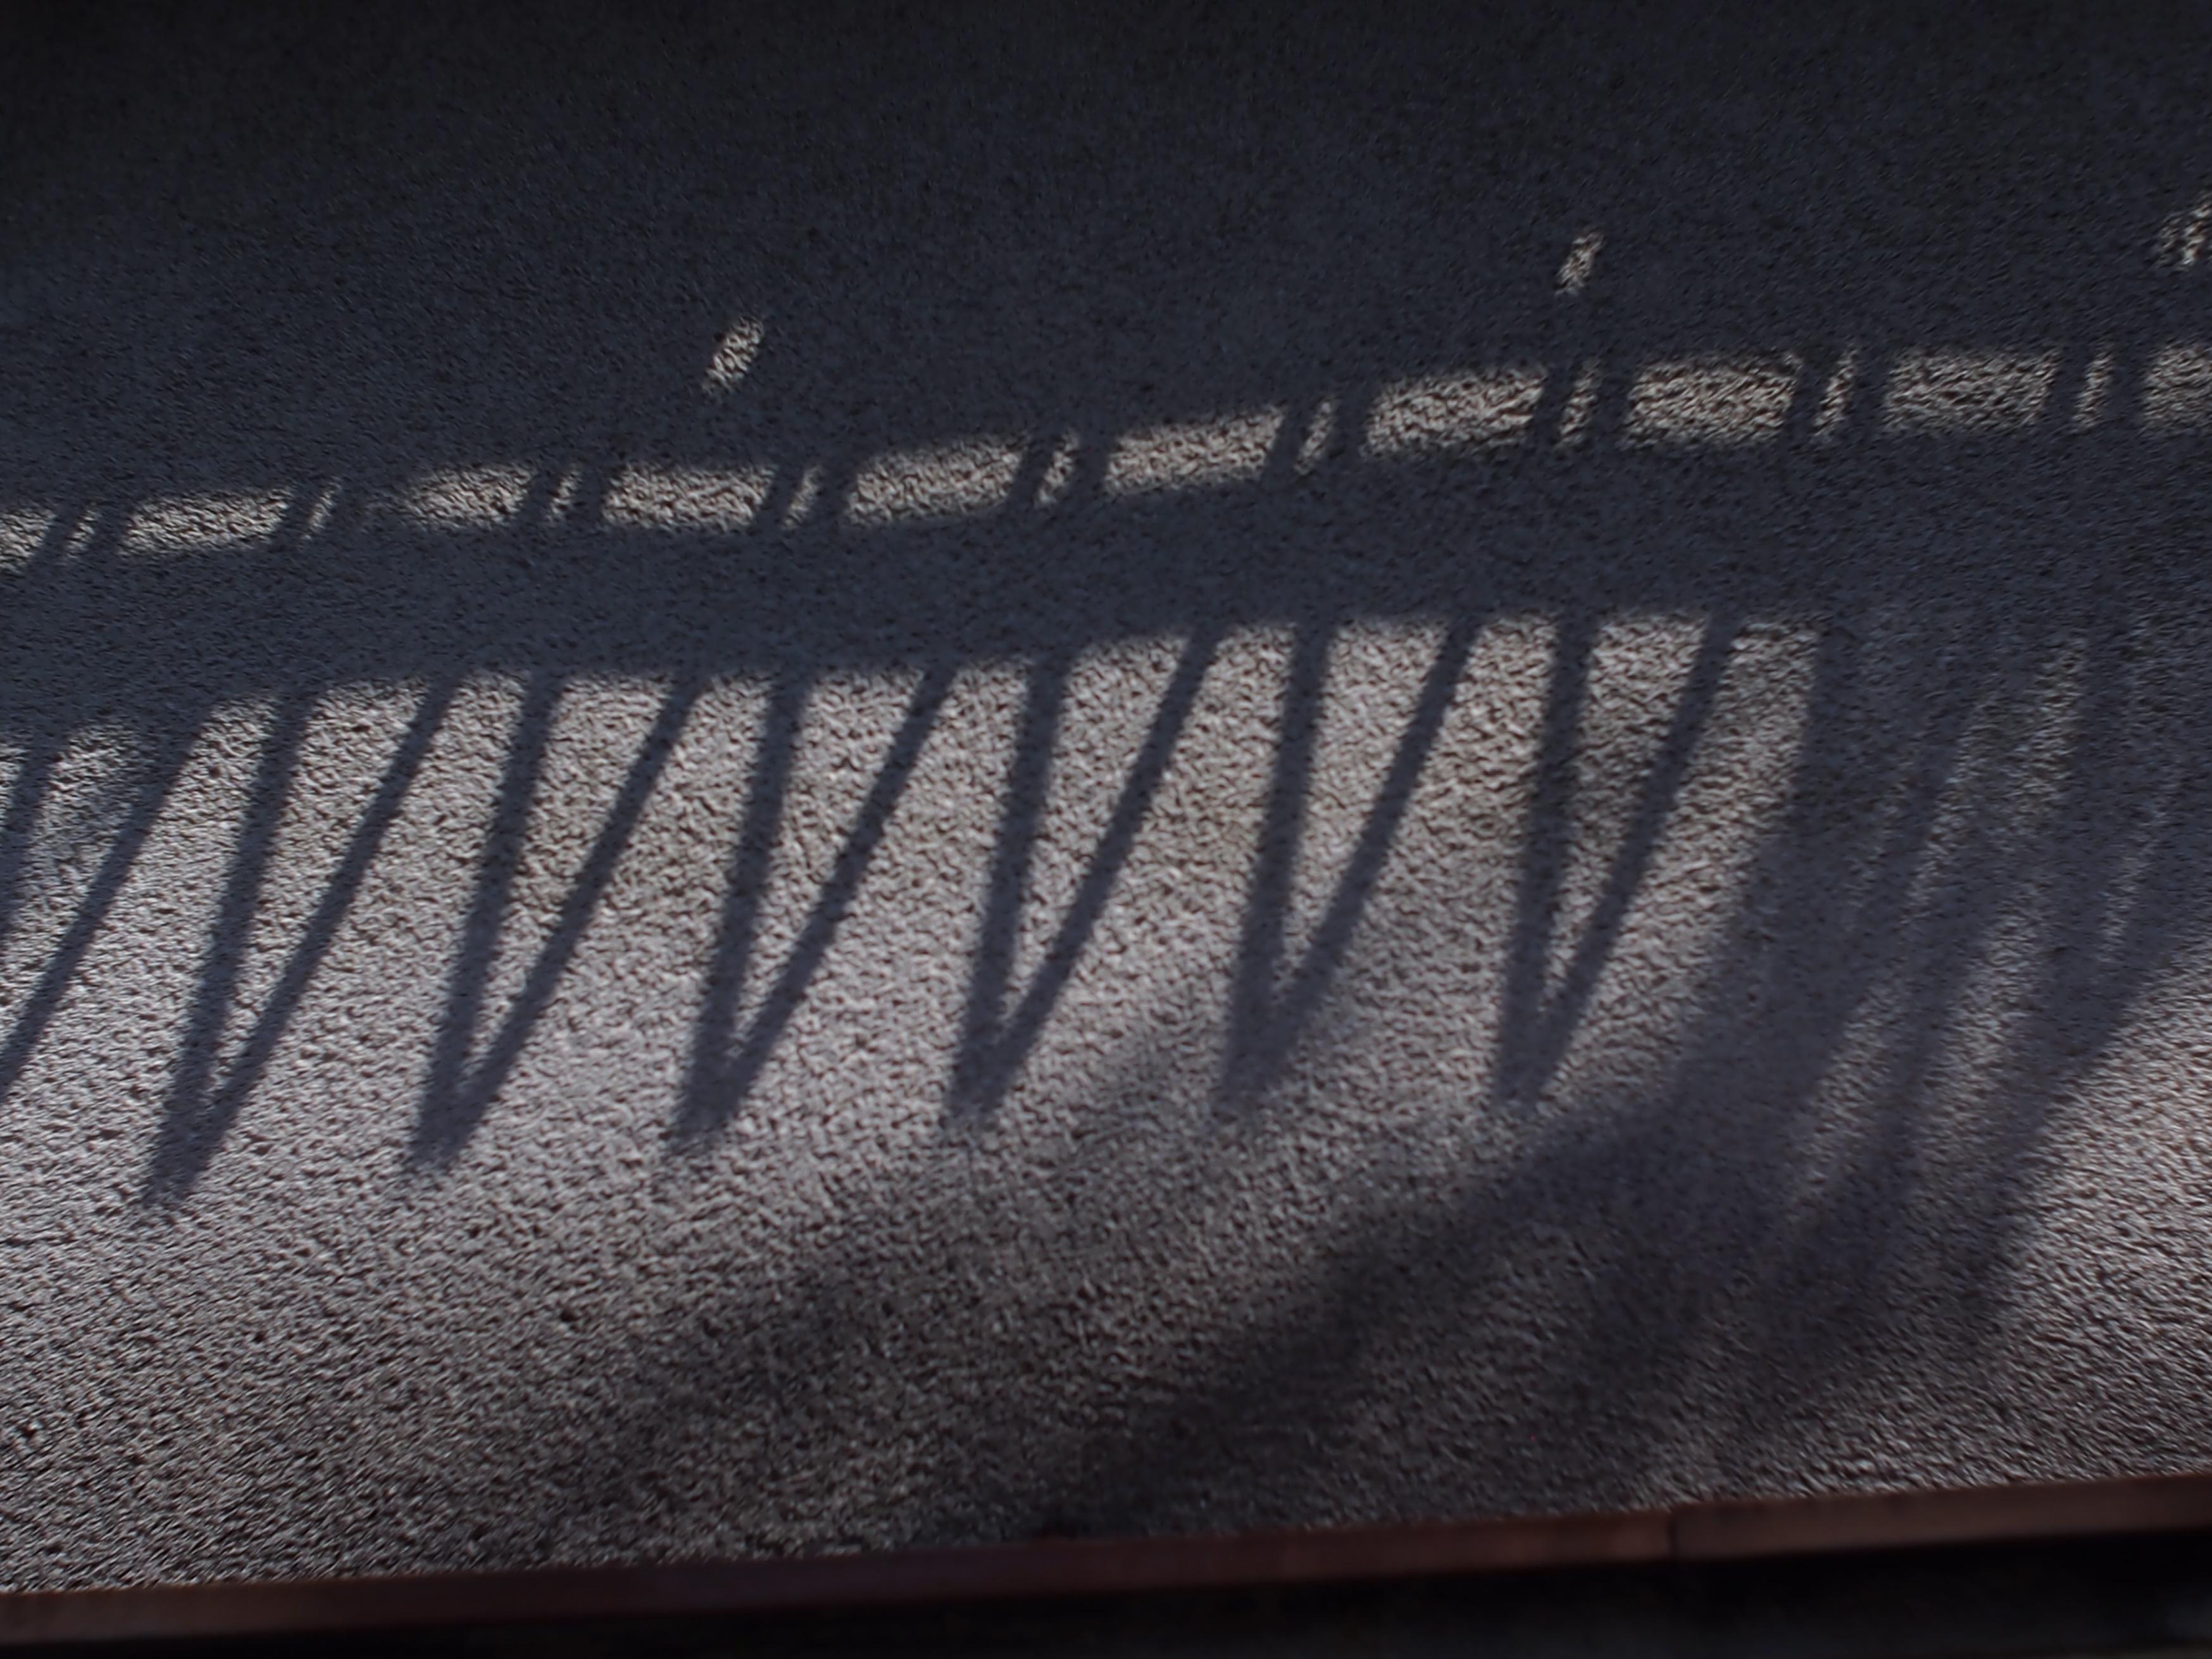 昭和の家 ギザギザの影.jpg